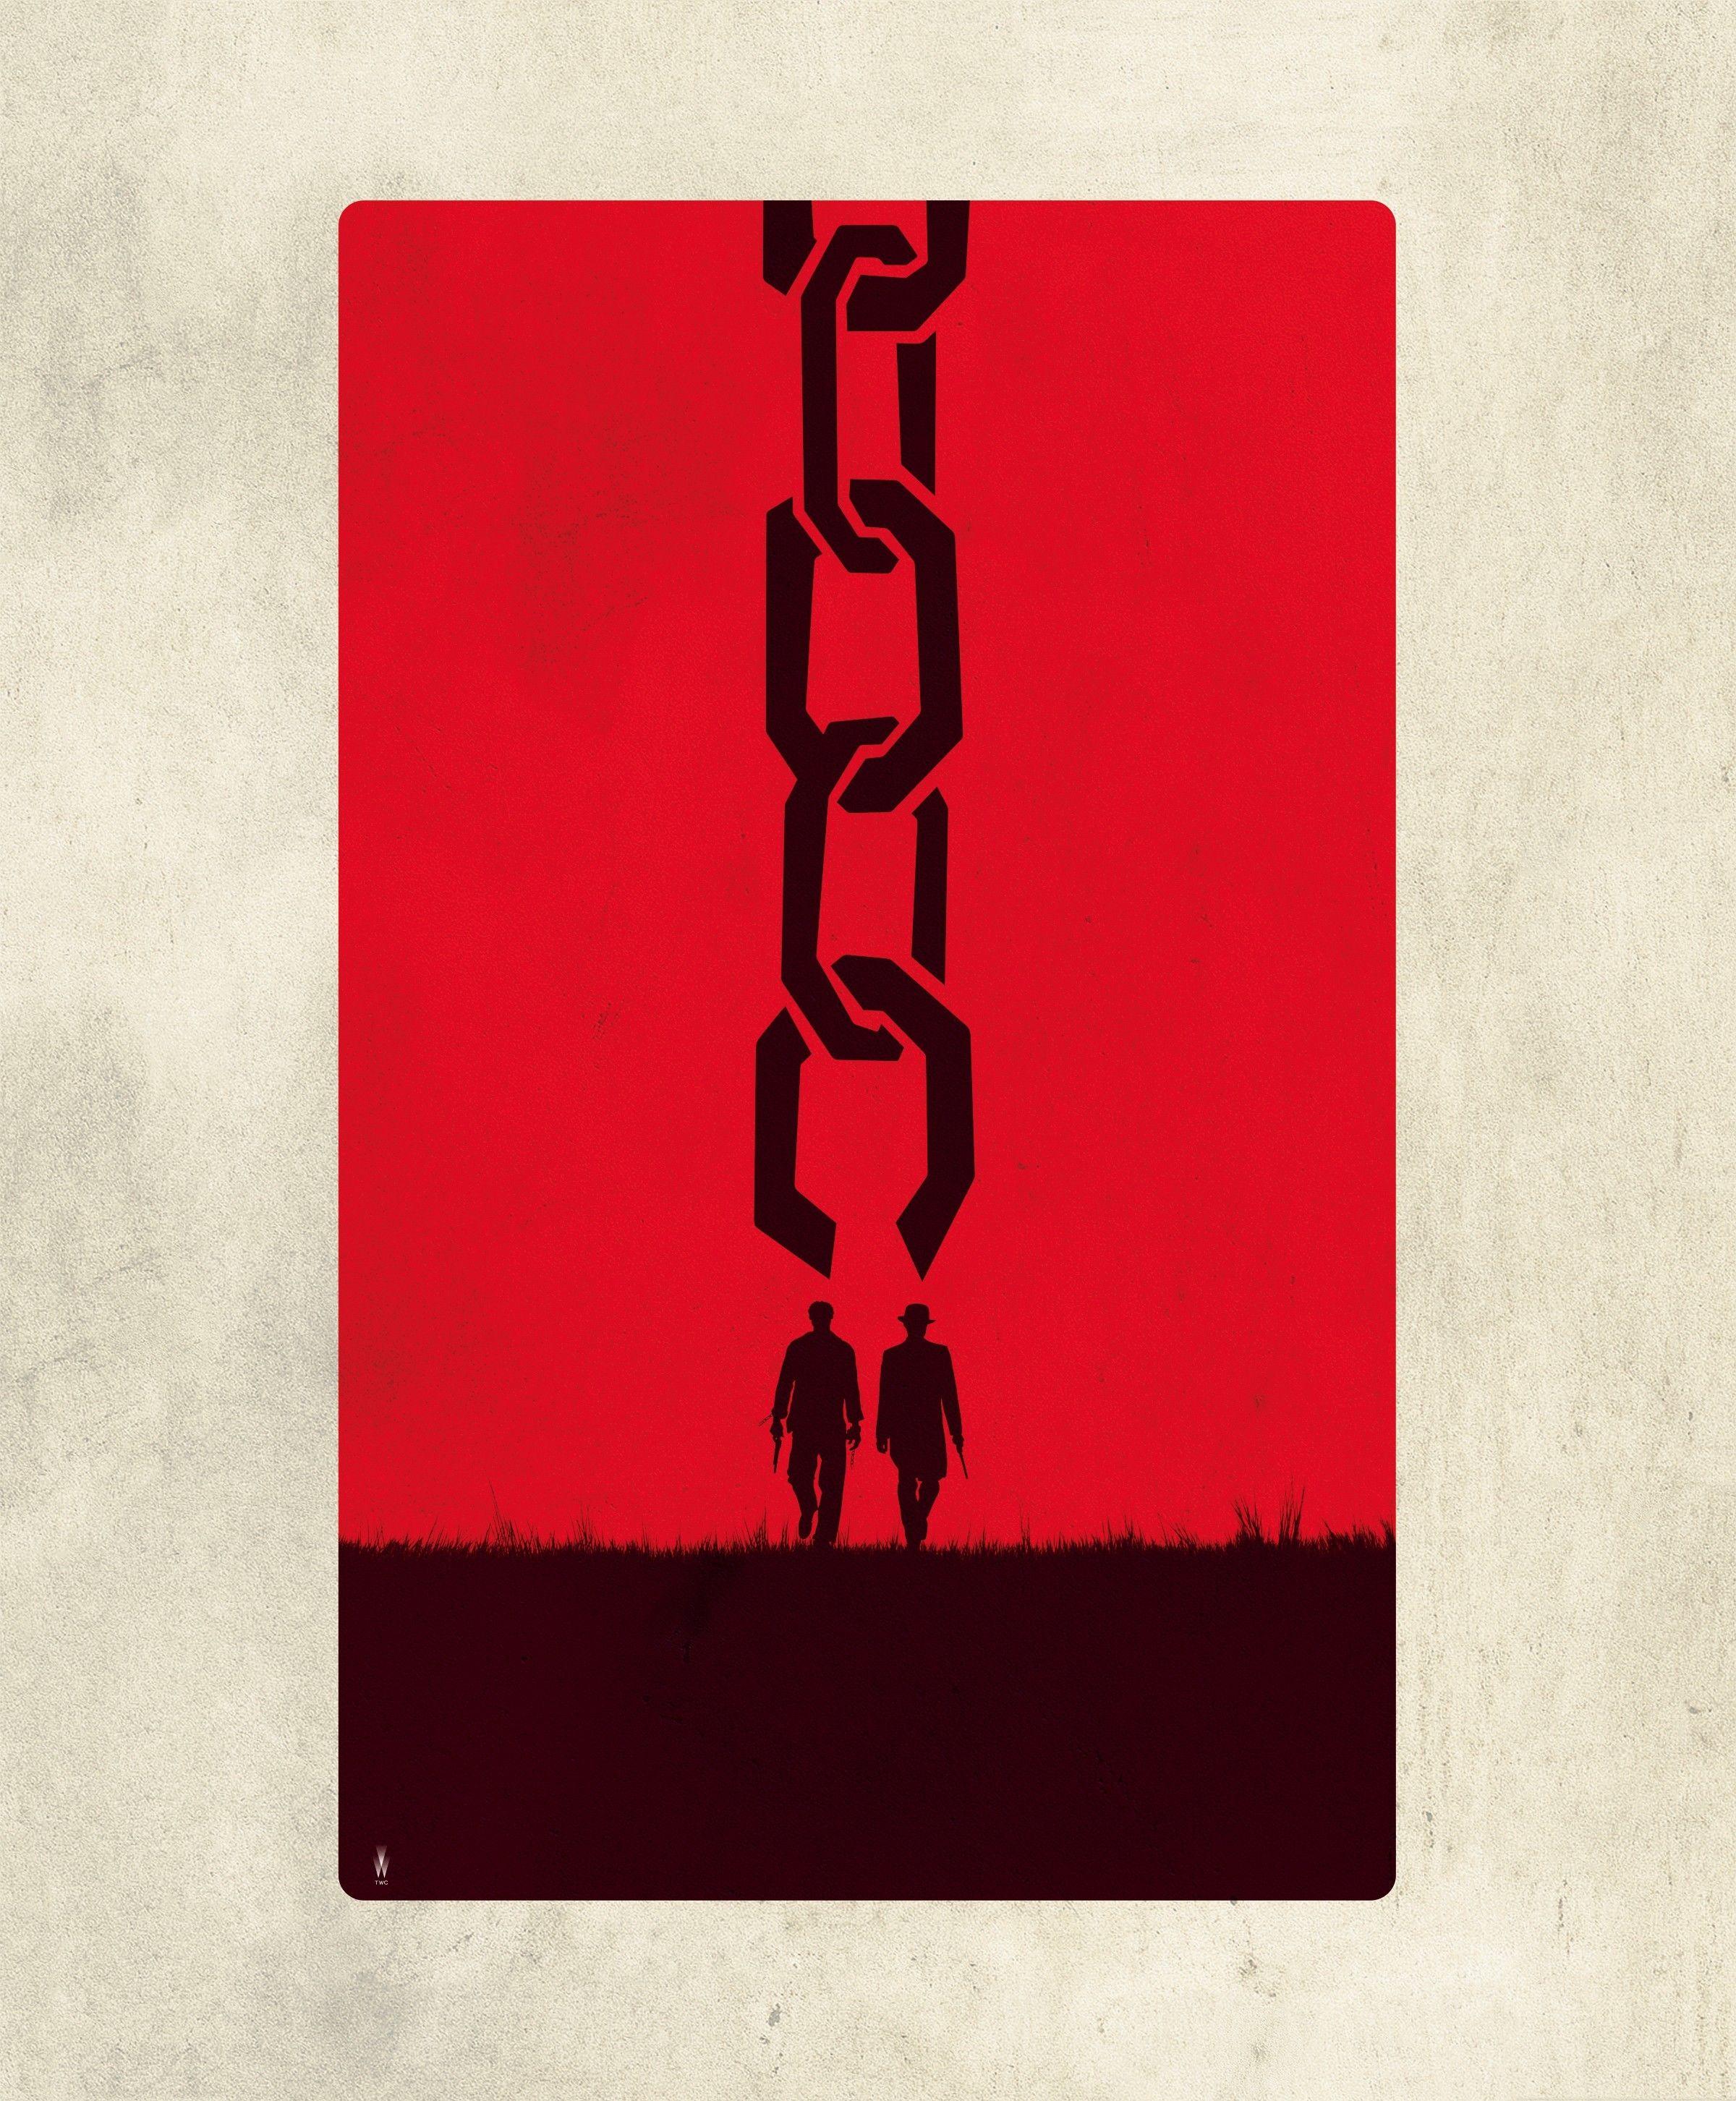 йылмаз освобожденный джанго постер причин